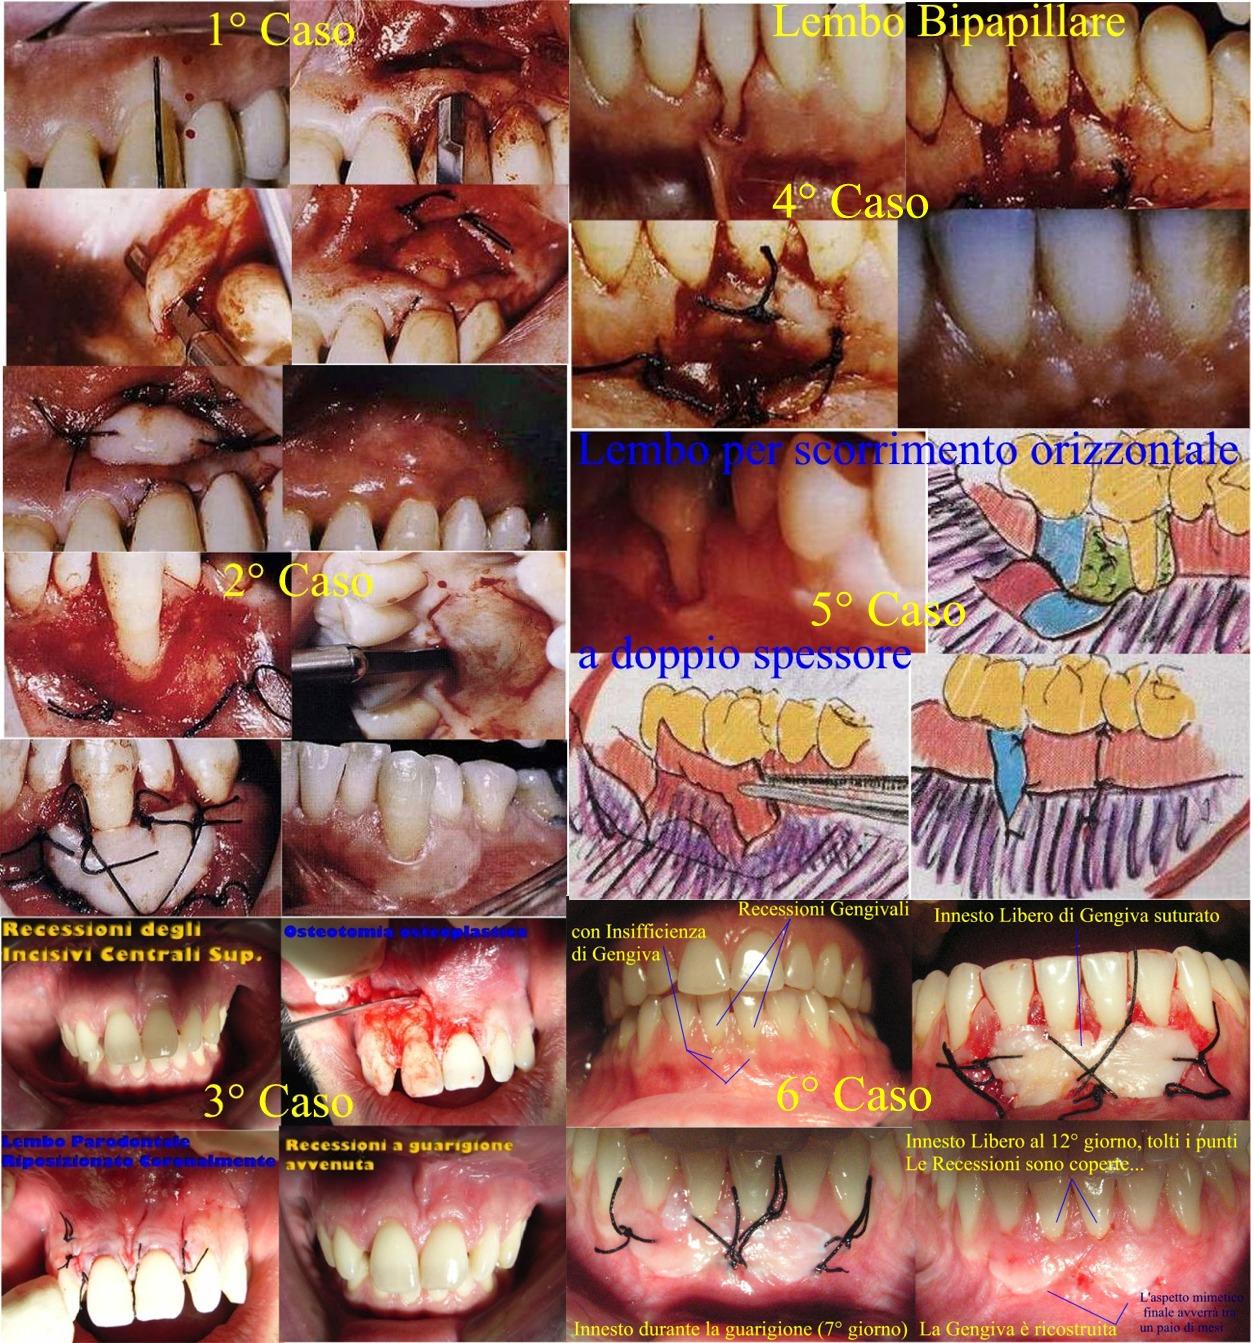 Recessioni Gengivali e loro terapia chirurgica parodontale mucogengivale. Da casistica del Dr. Gustavo Petti Parodontologo di Cagliari